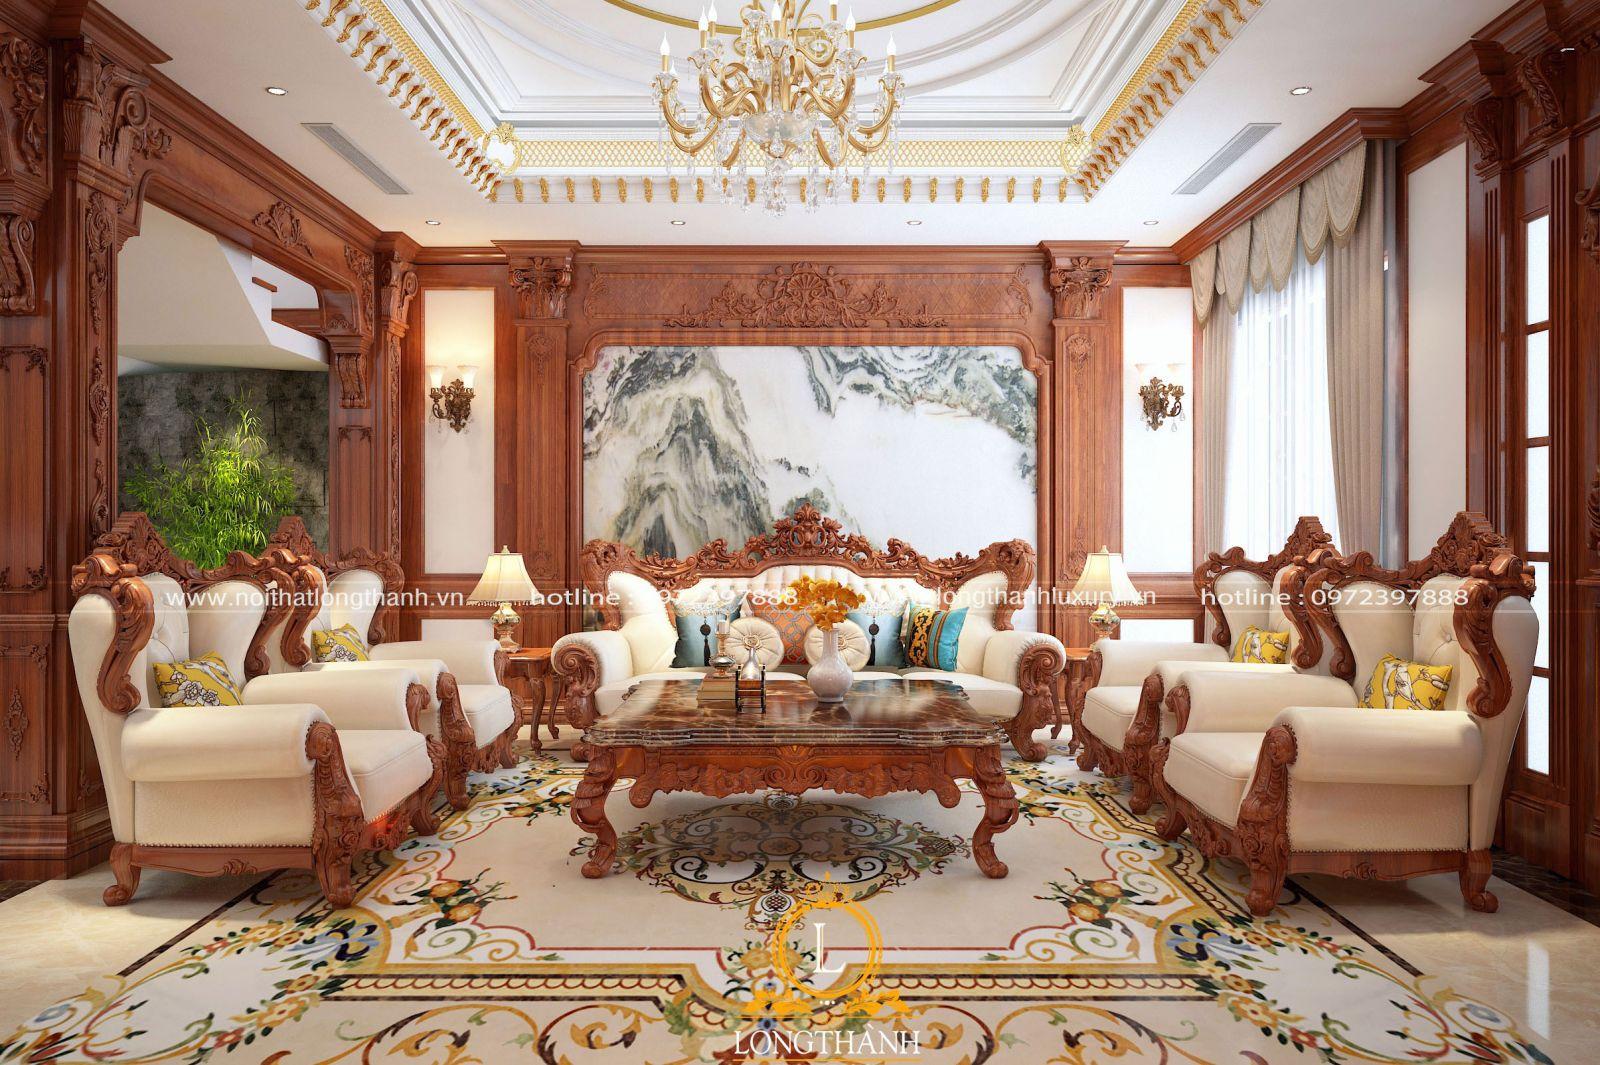 Bàn ghế sofa mang lại vẻ đẹp cho căn phòng và sự thoải mái cho người dùng